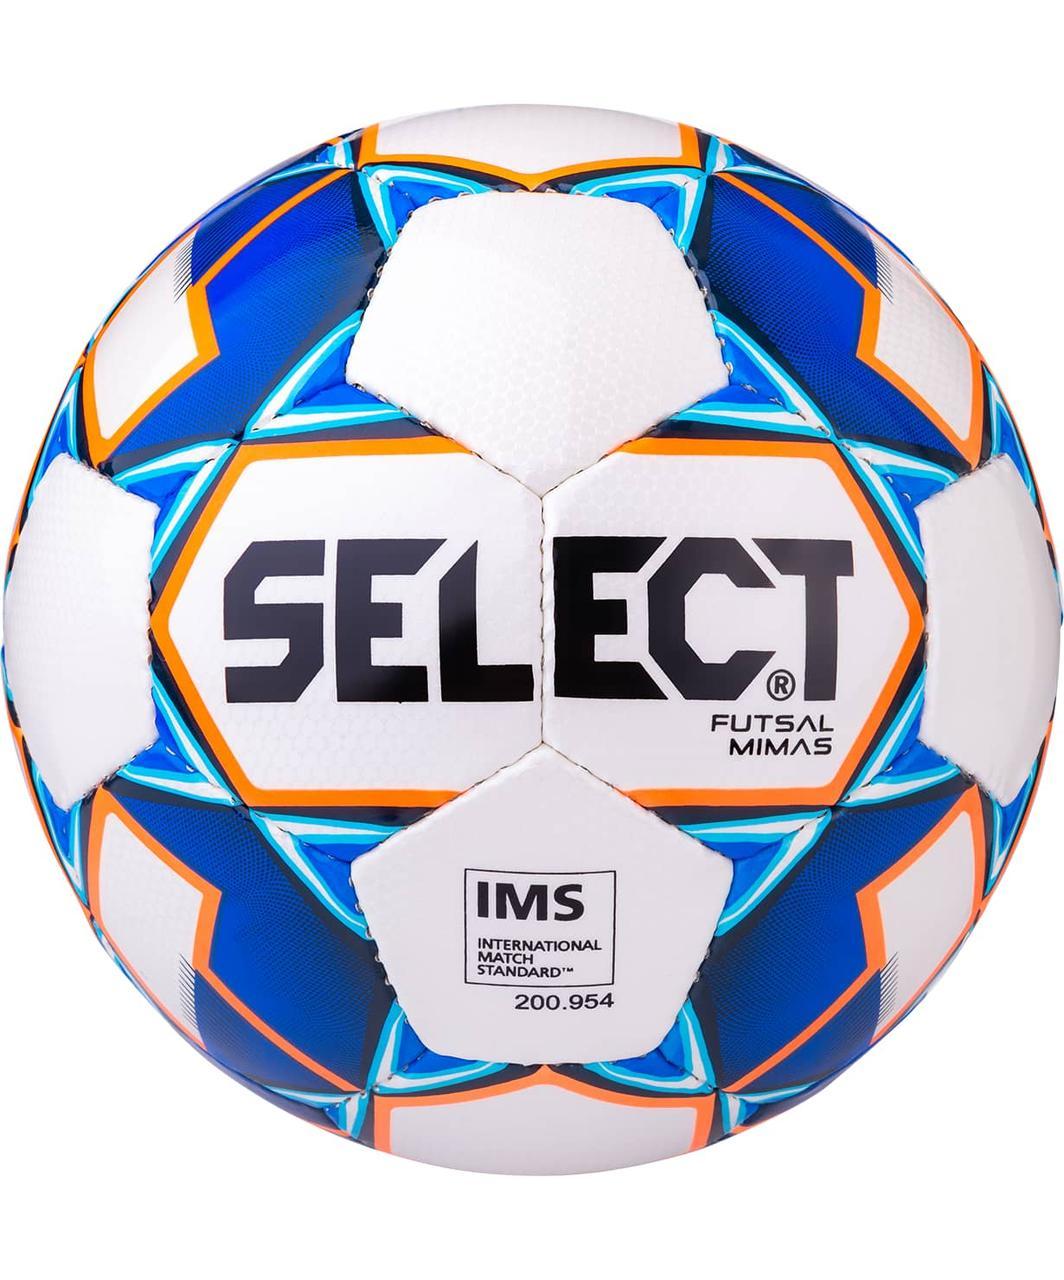 Мяч футзальный Futsal Mimas IMS 852608 №4, белый/синий/оранжевый/черный Select